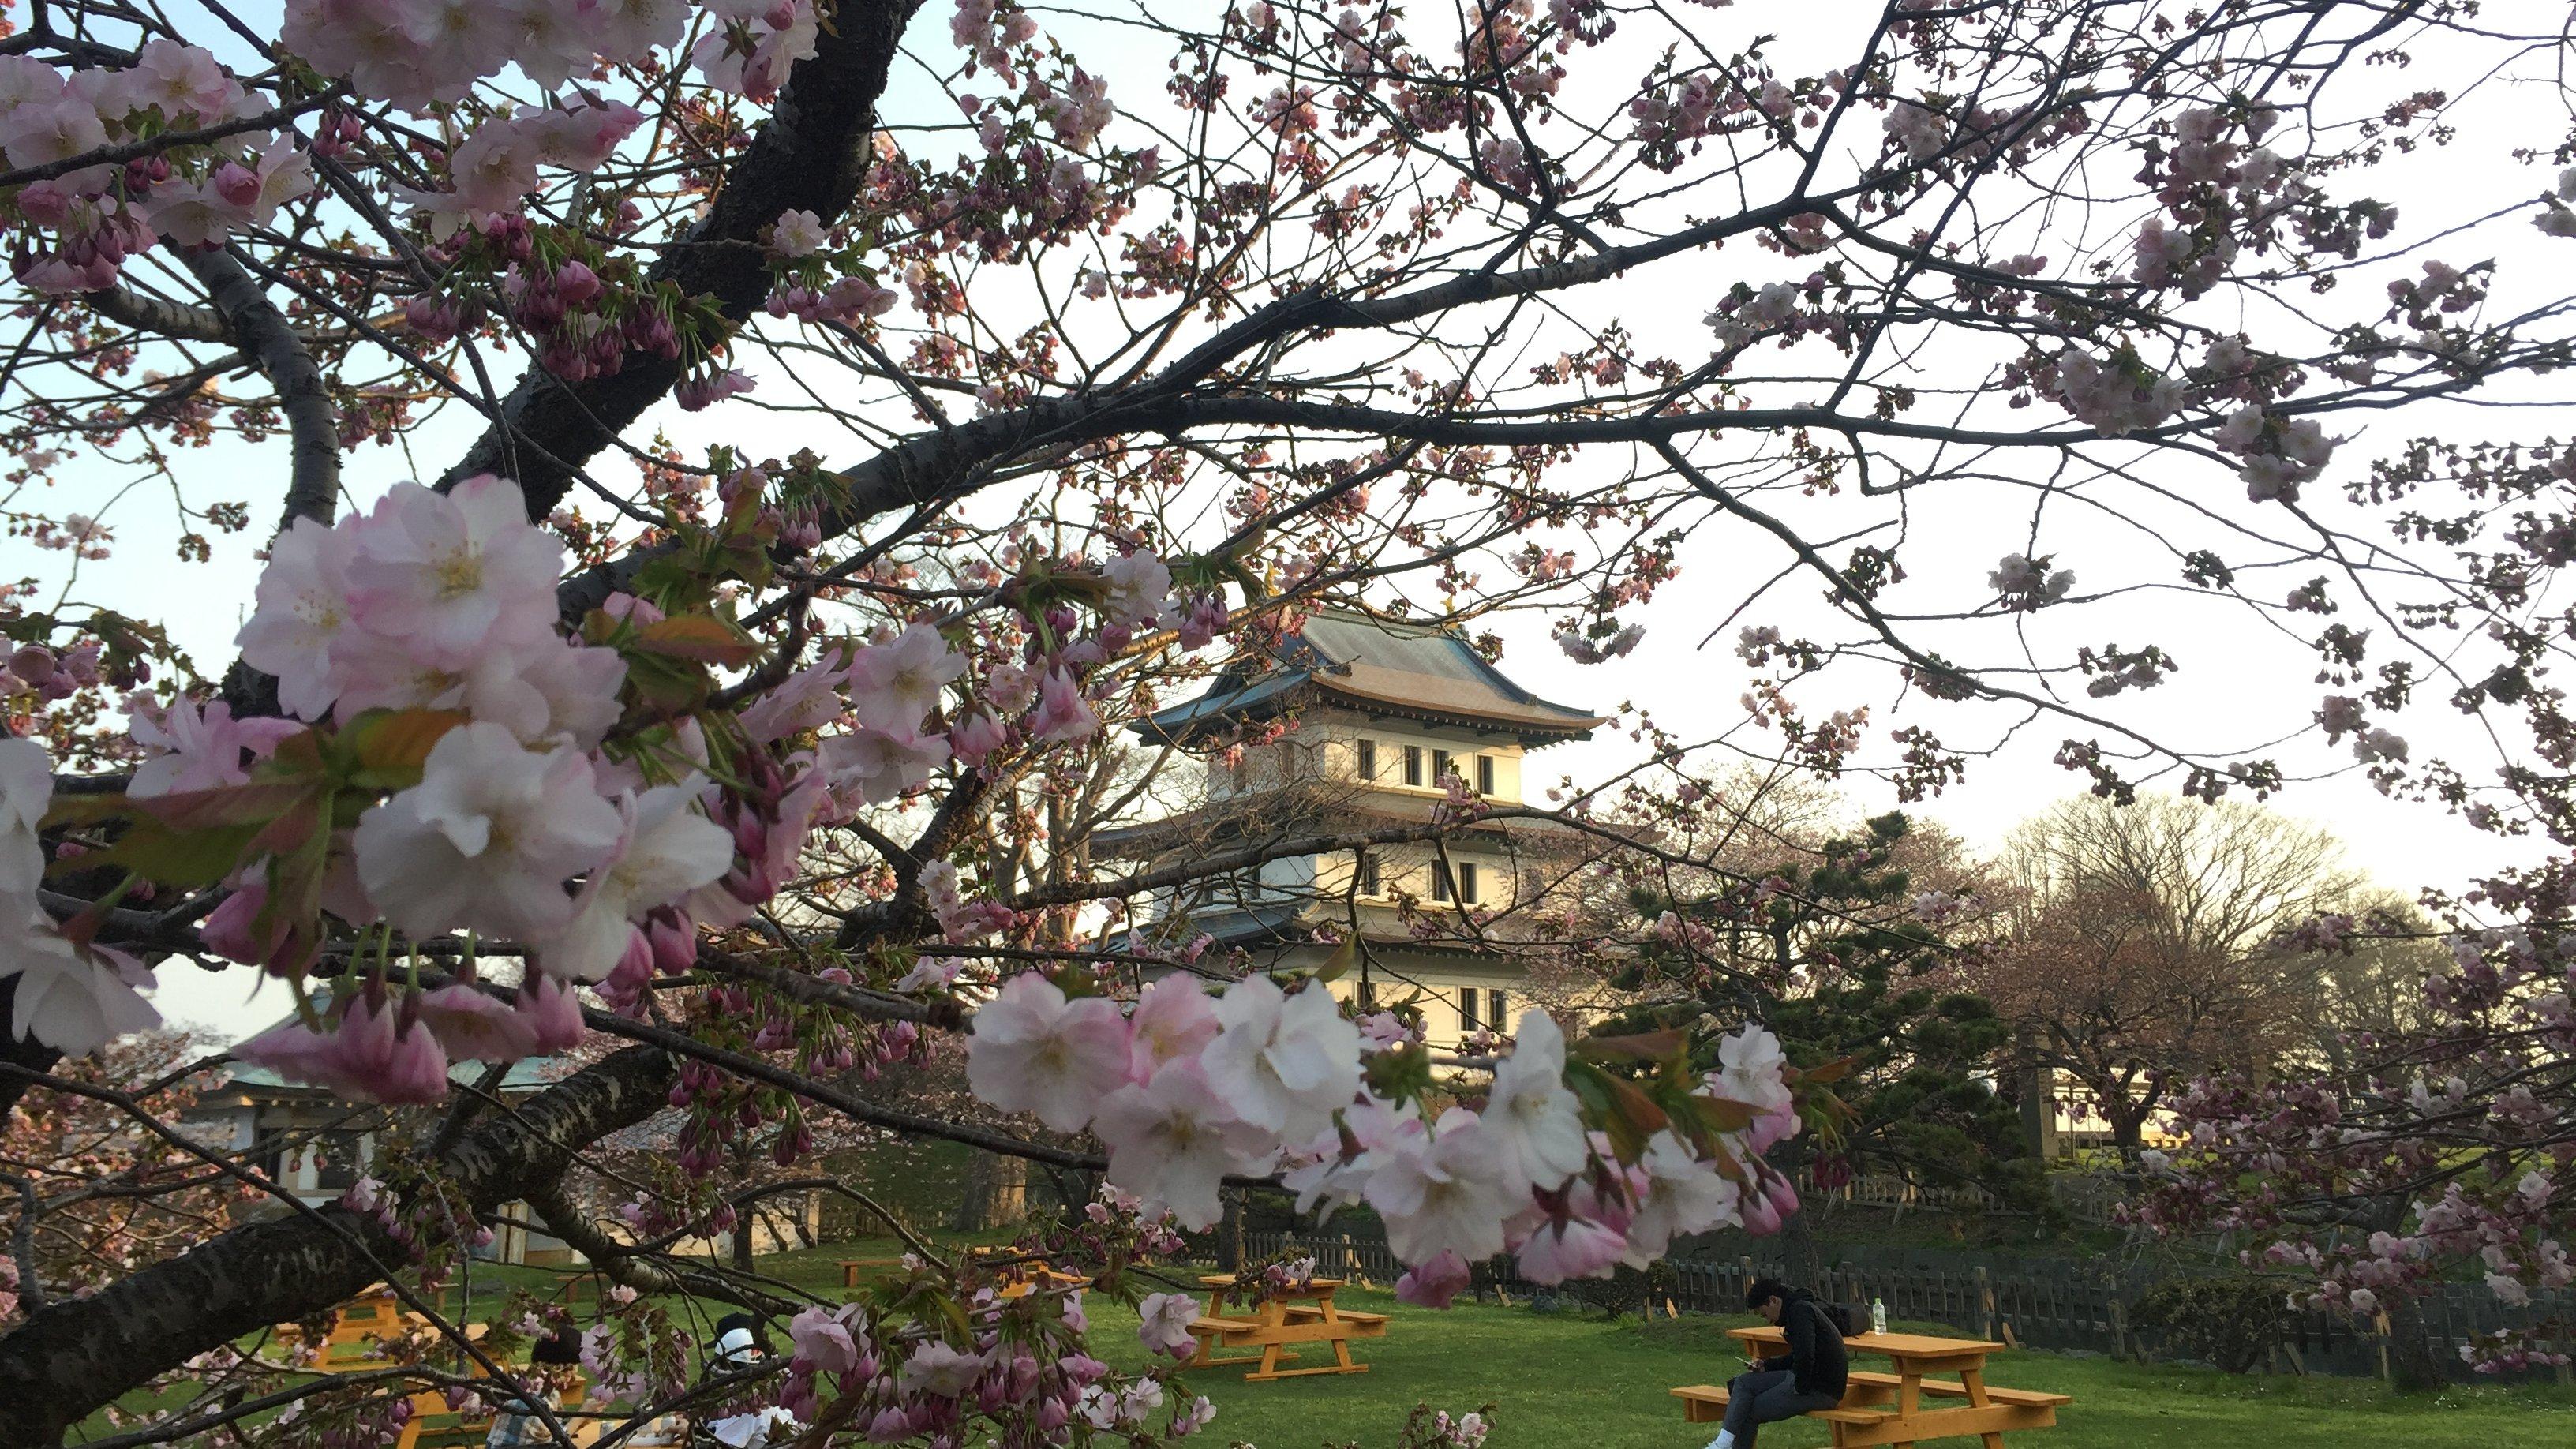 北海道の松前公園の桜は長い期間楽しめておすすめ!松前さくらまつりに行ってきた!【注意点あり!】